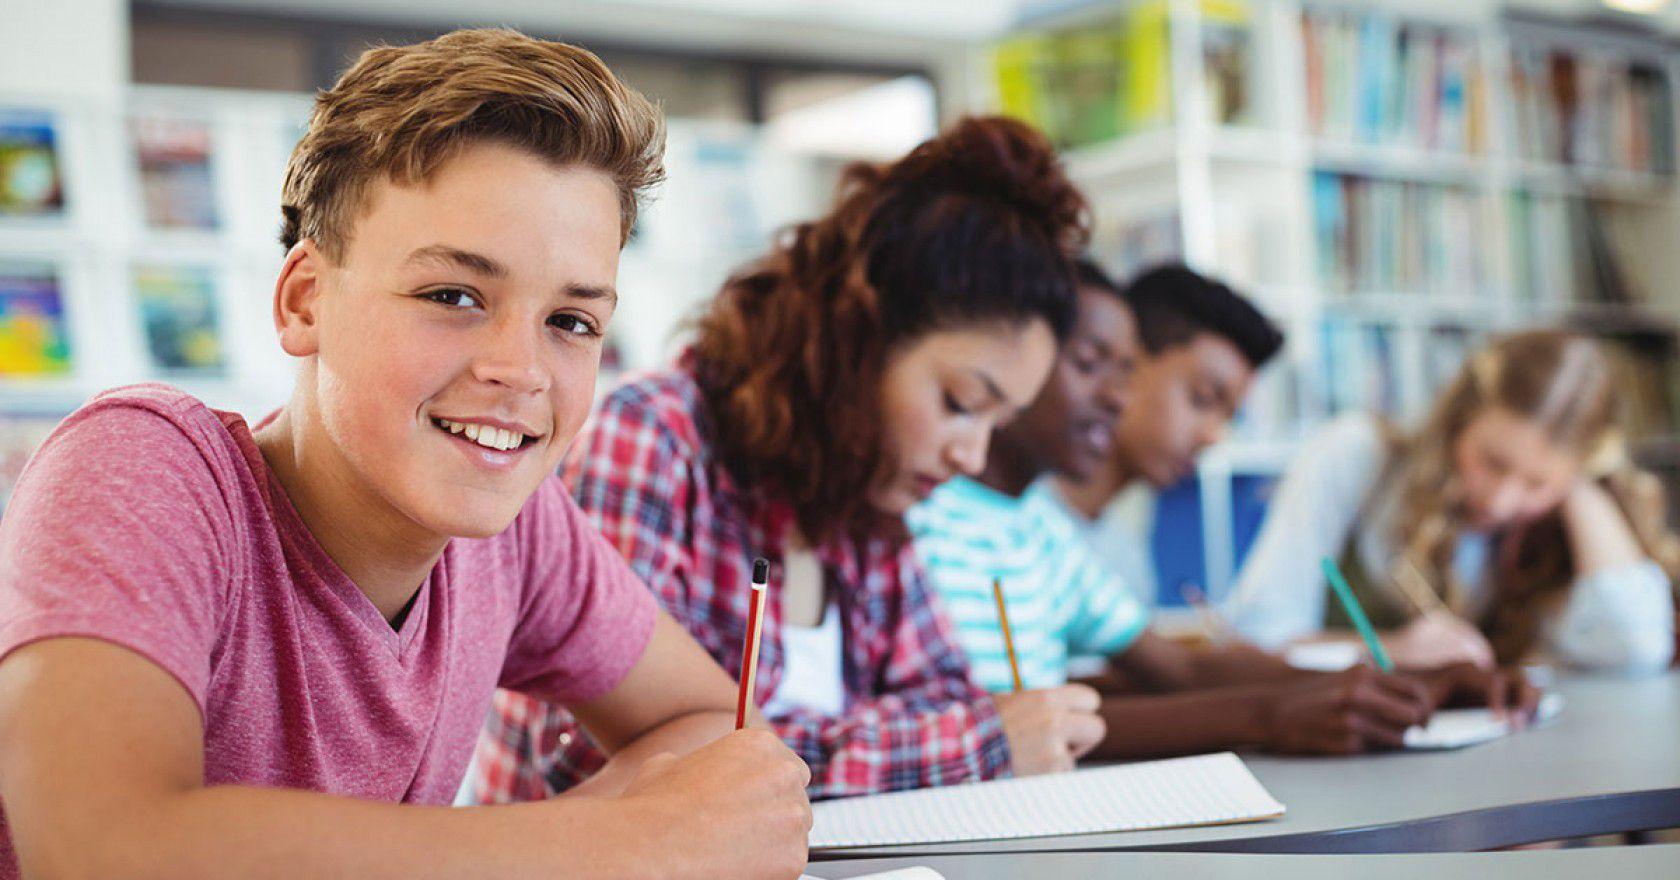 İsviçre Lise Eğitim Ücretleri Nasıldır?